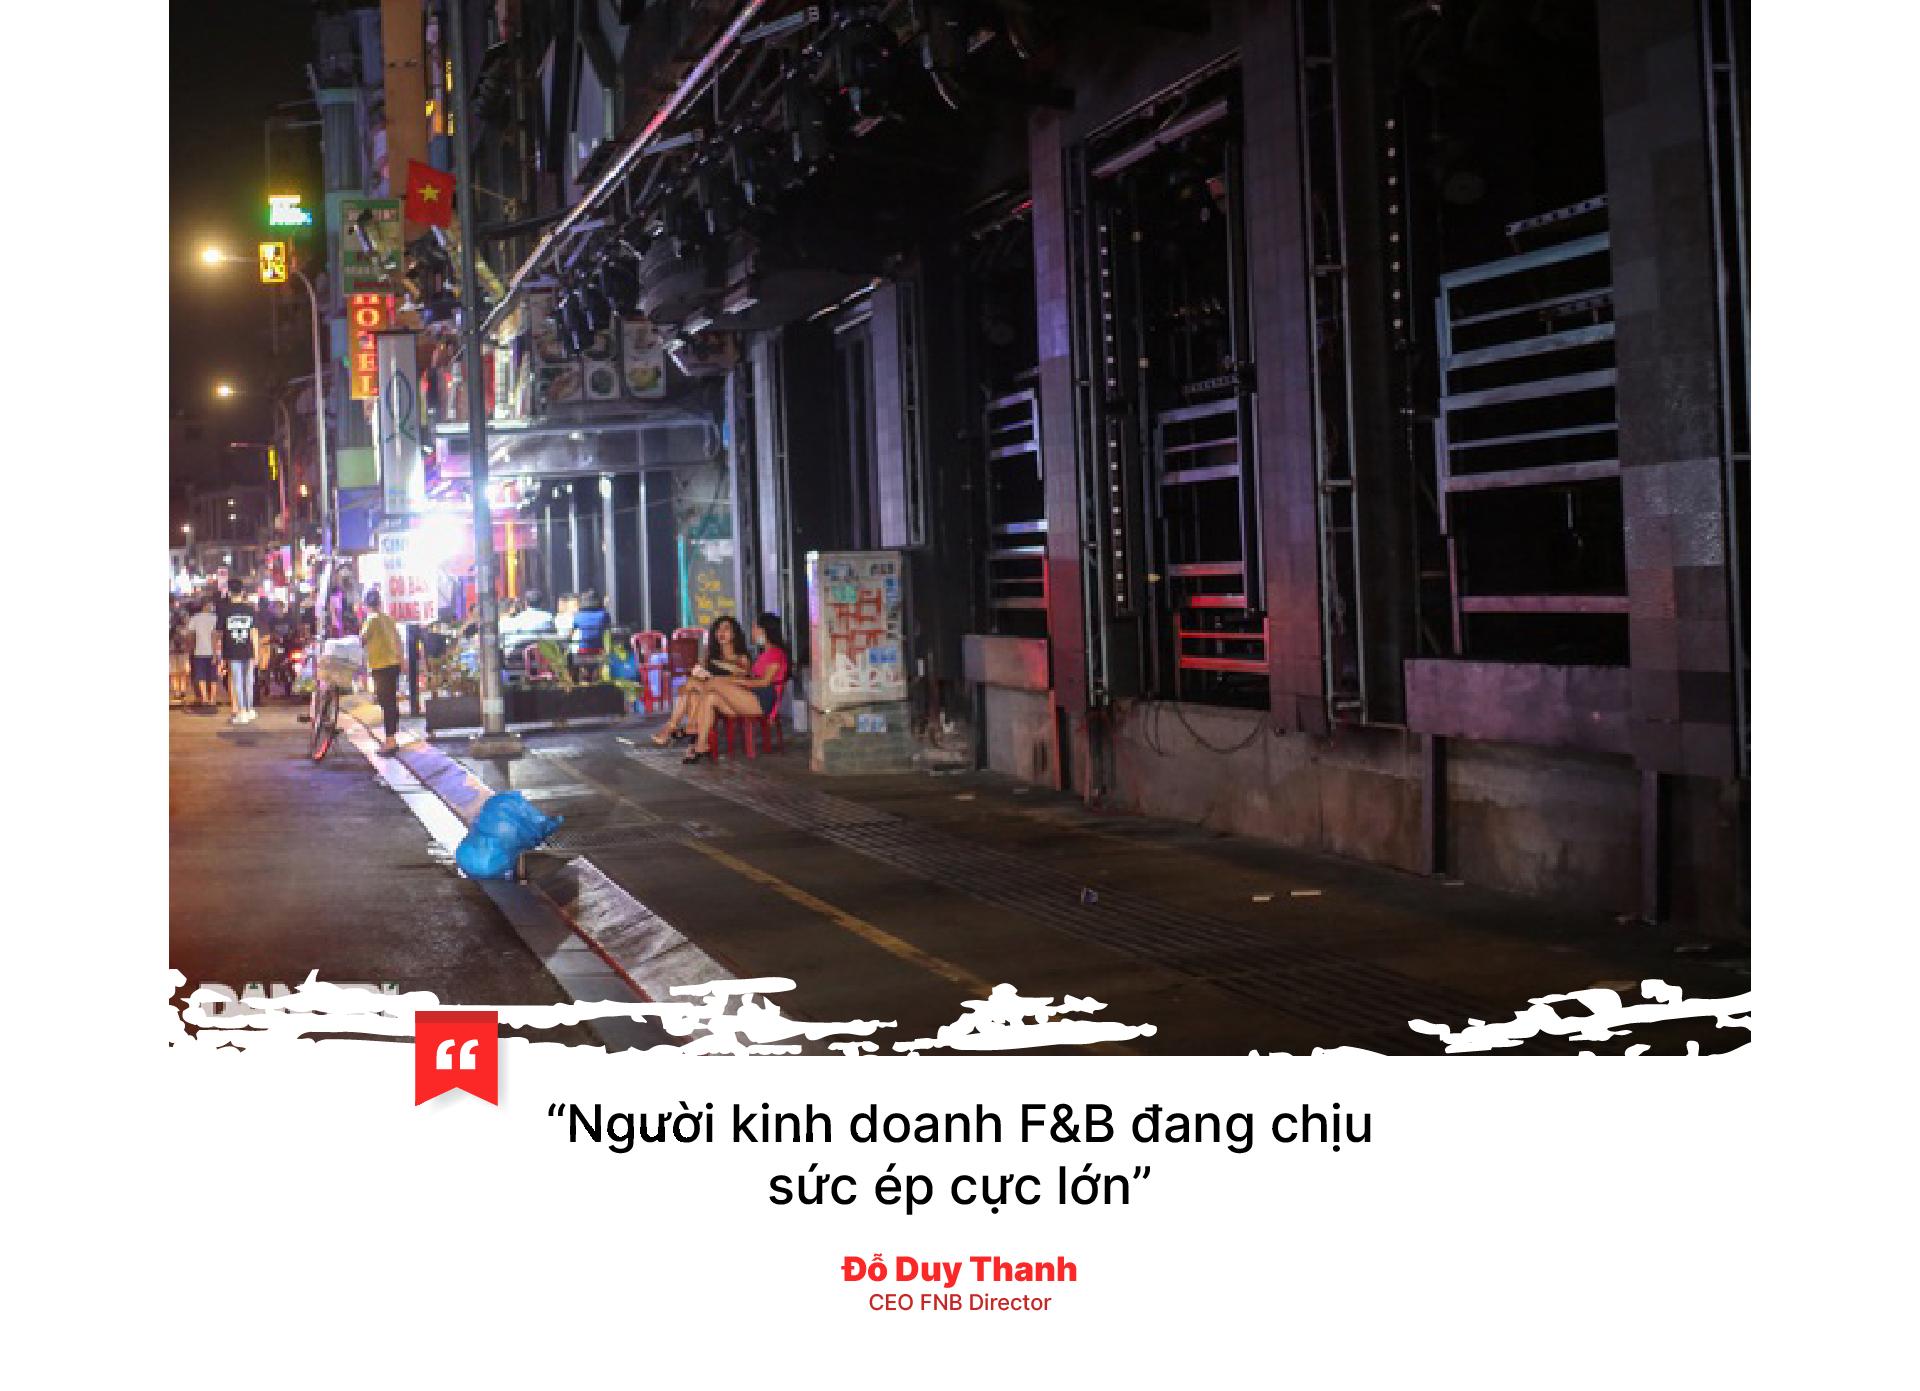 Hàng quán Sài Gòn kiệt sức, tiền nào đổ vào cũng bay - 17